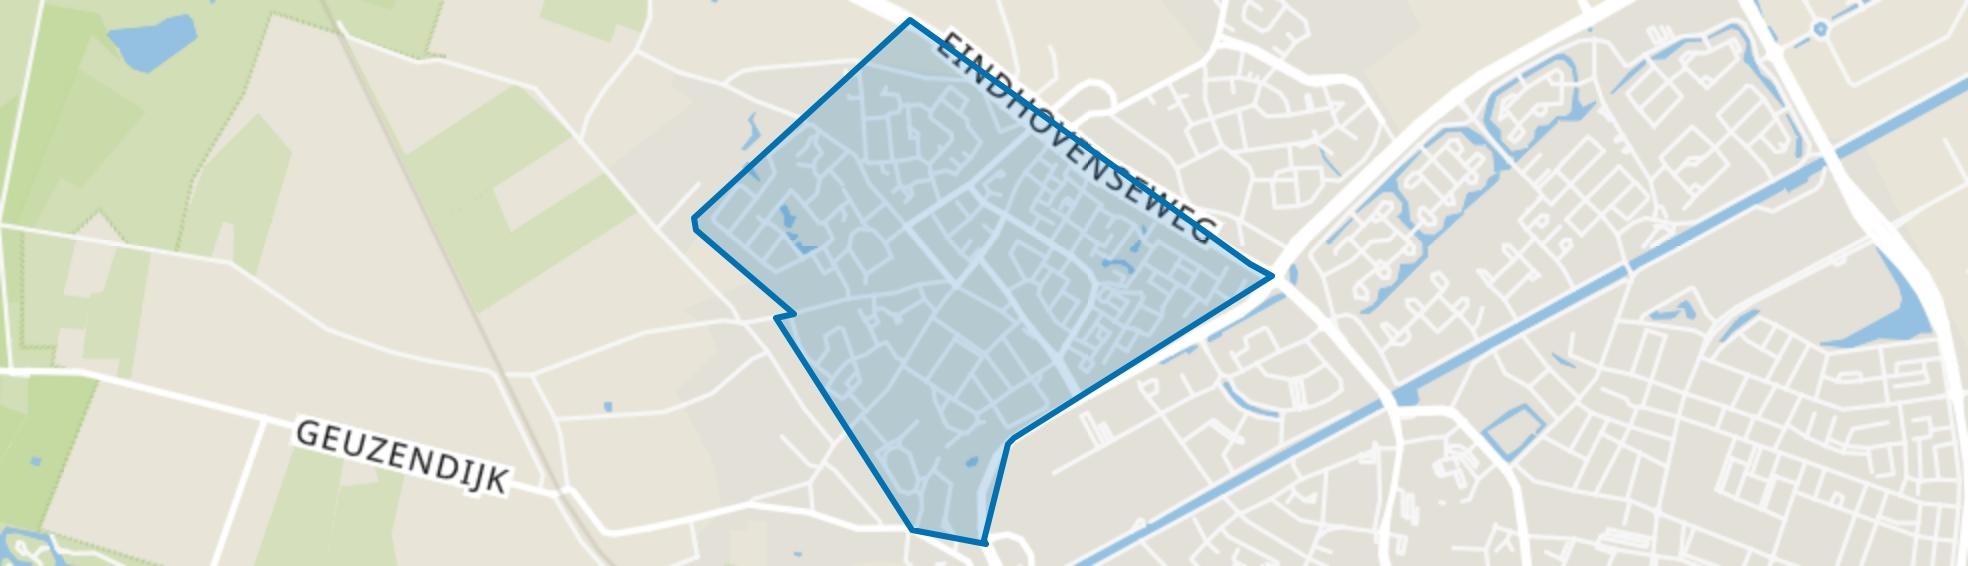 Boshoven-Vrakker, Weert map